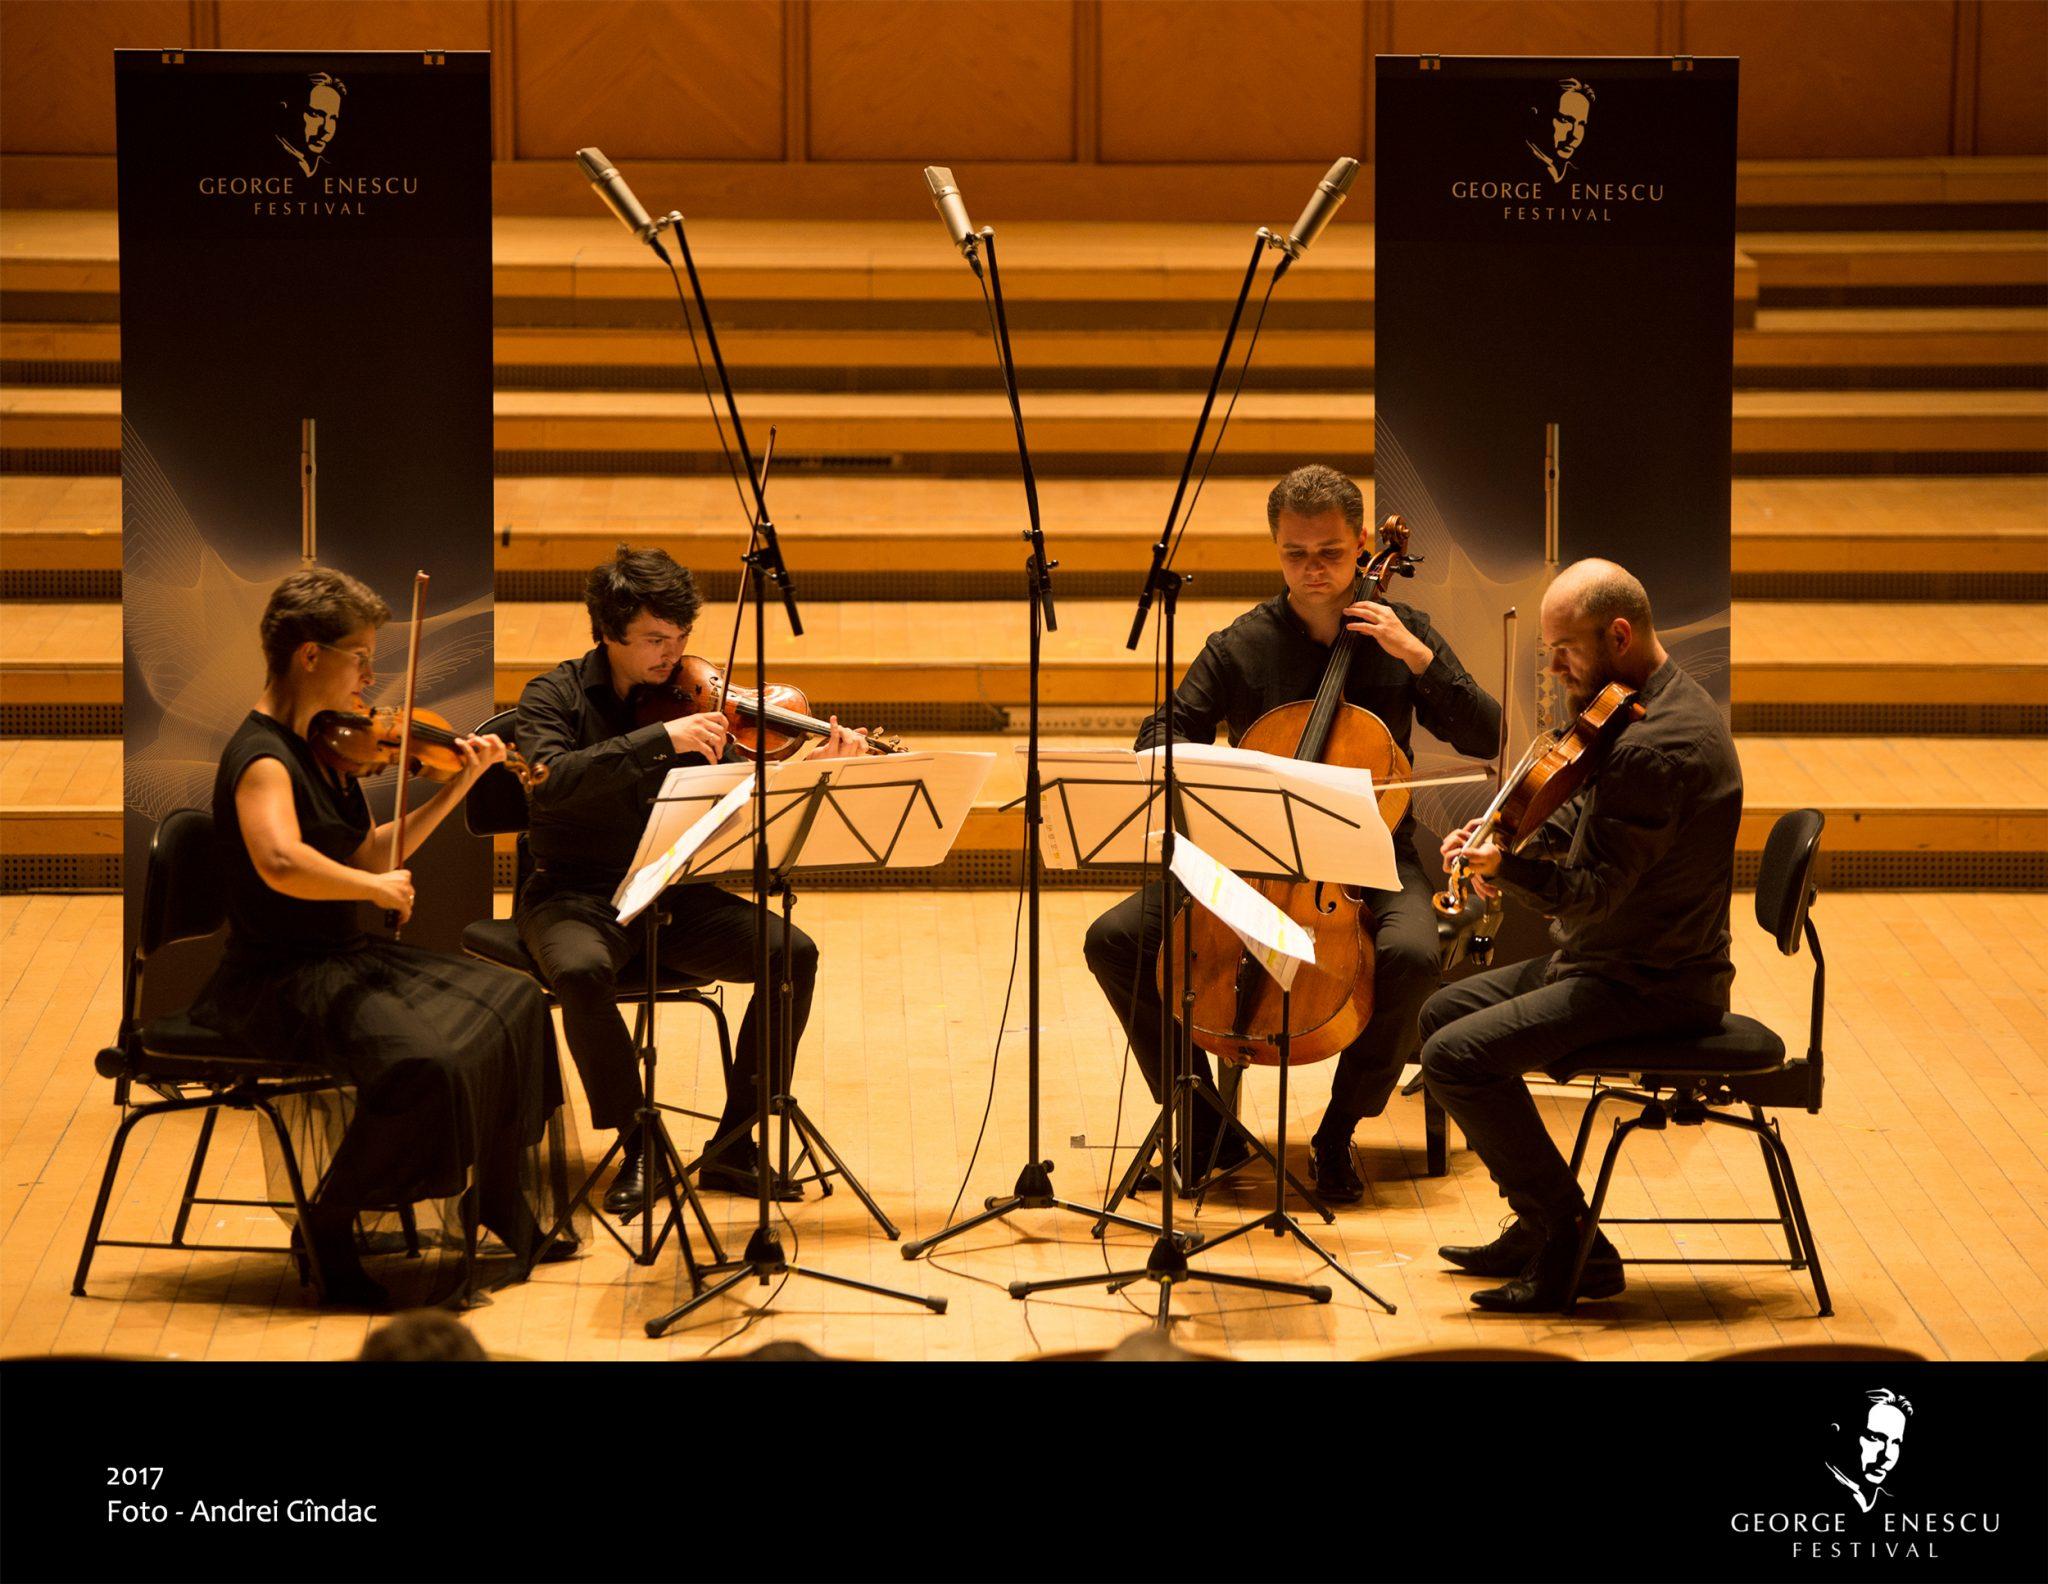 21-Septembrie---Cvartetul-Arcadia---foto-Andrei-Gindac_11|21-Septembrie---Cvartetul-Arcadia---foto-Andrei-Gindac_2|21-Septembrie---Cvartetul-Arcadia---foto-Andrei-Gindac_13|21-Septembrie---Cvartetul-Arcadia---foto-Andrei-Gindac_15|21-Septembrie---Cvartetul-Arcadia---foto-Andrei-Gindac_18|21-Septembrie---Cvartetul-Arcadia---foto-Andrei-Gindac_17